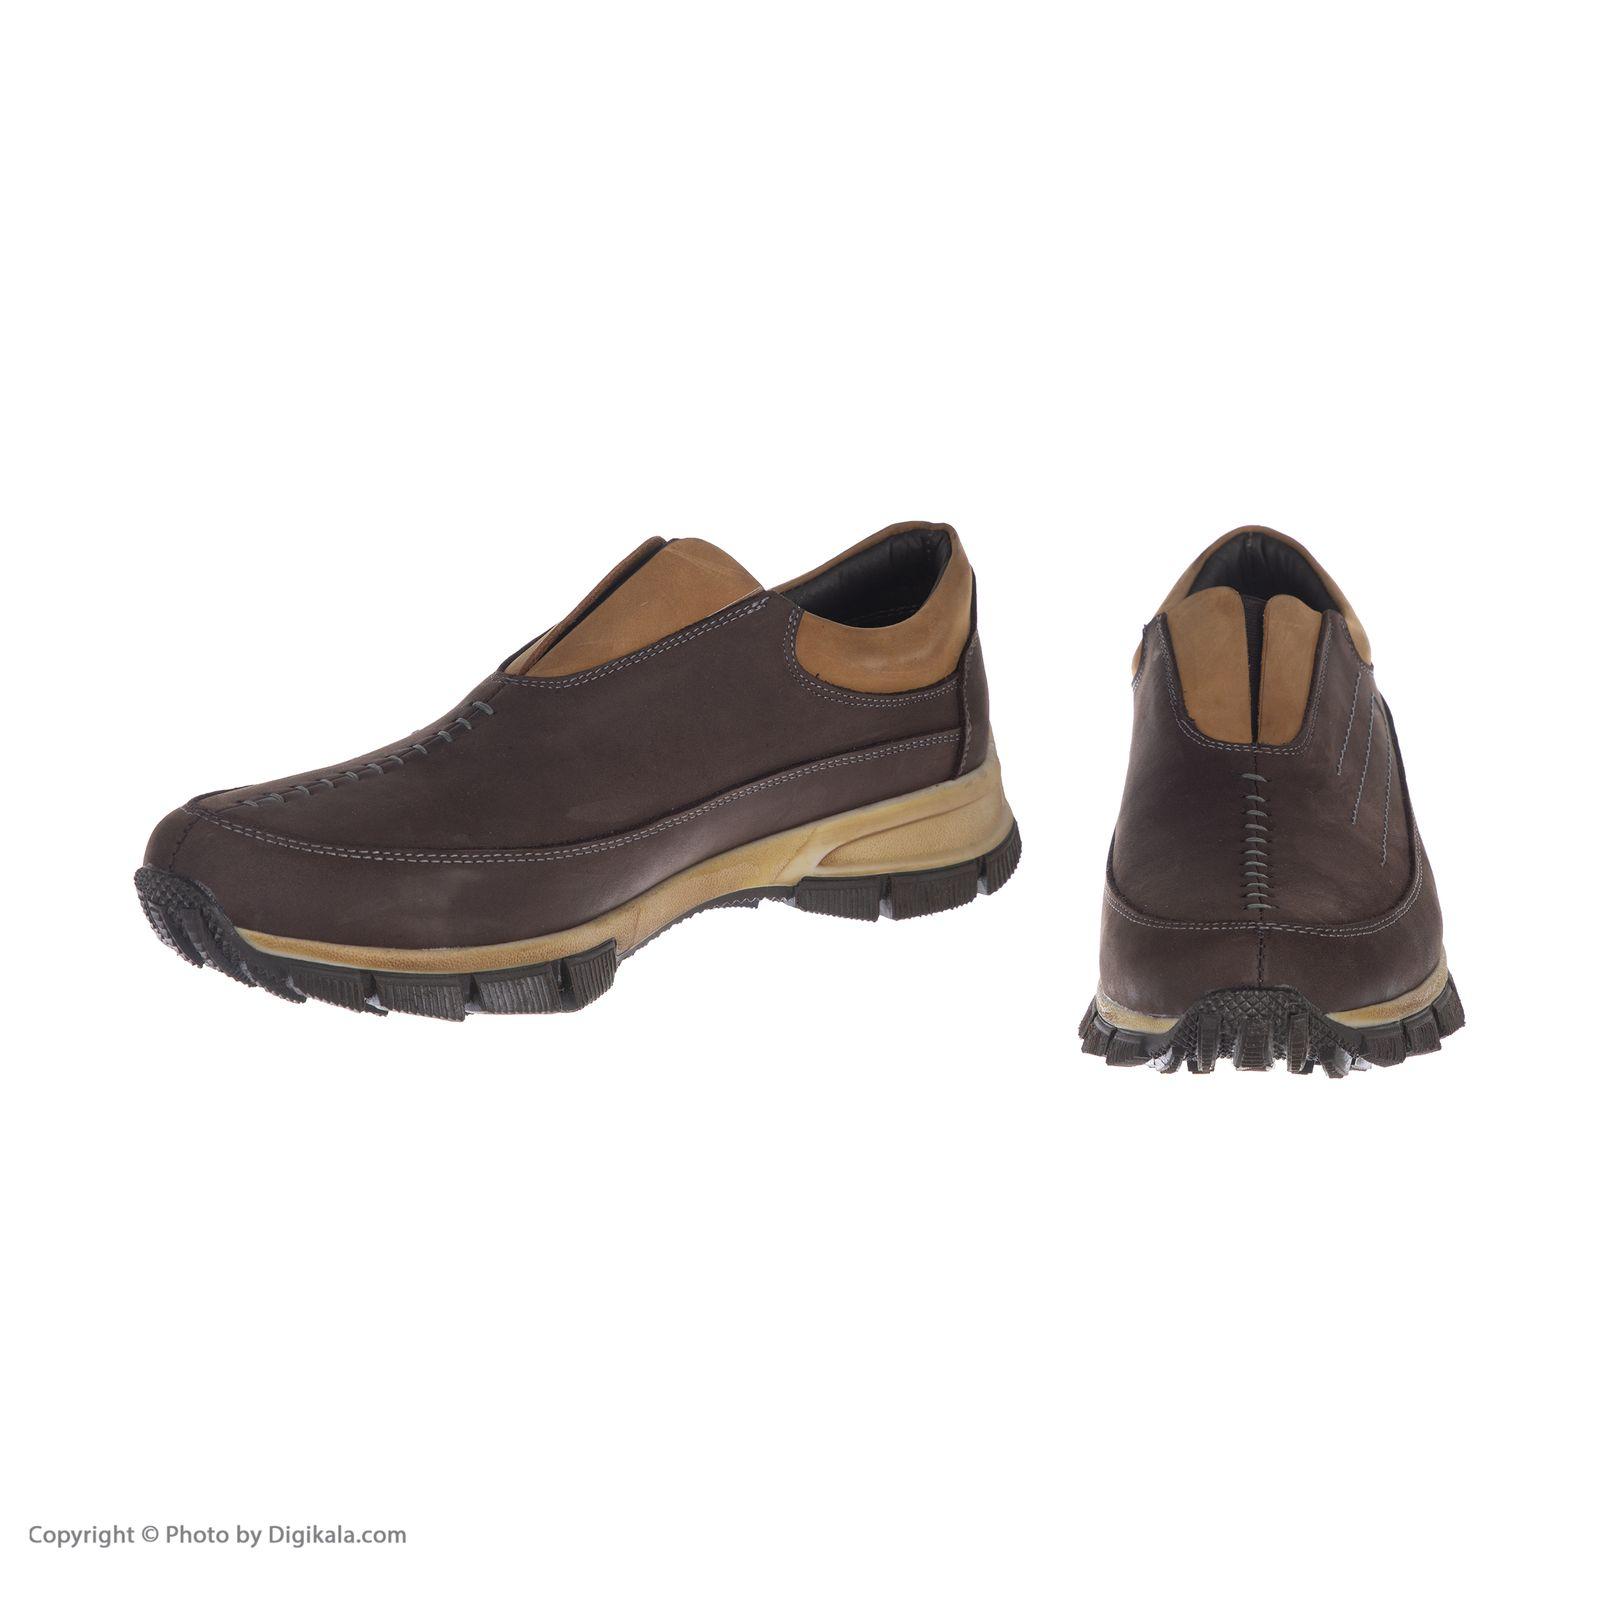 کفش روزمره مردانه دانادل مدل 8604A503104 -  - 5